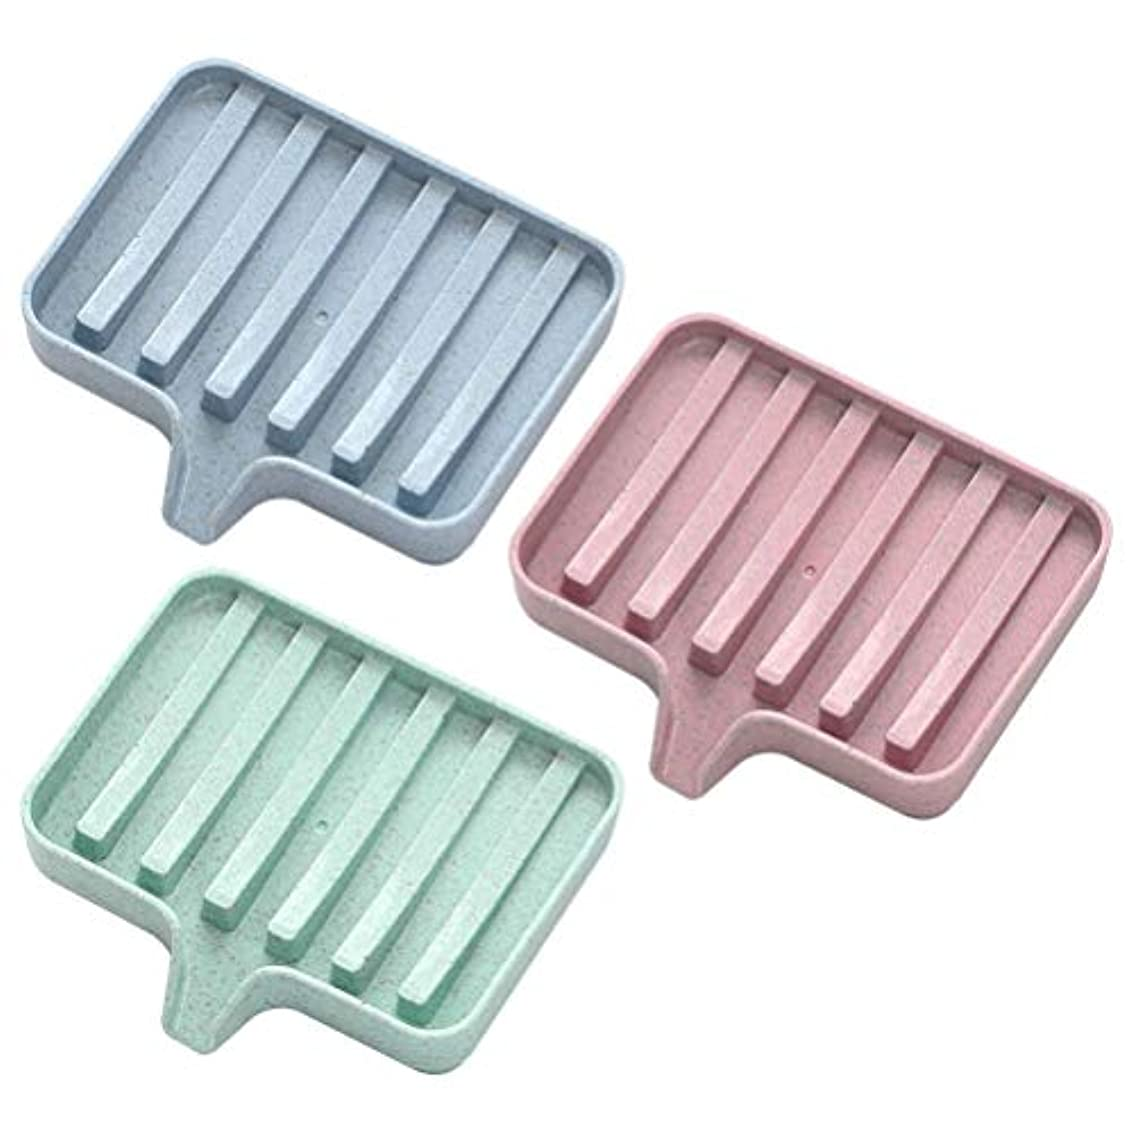 実験的厳密にたらいROSENICE ソリッドカラーソープディッシュソープボックスホルダードレイン3pcs(ピンク+グリーン+ブルー)